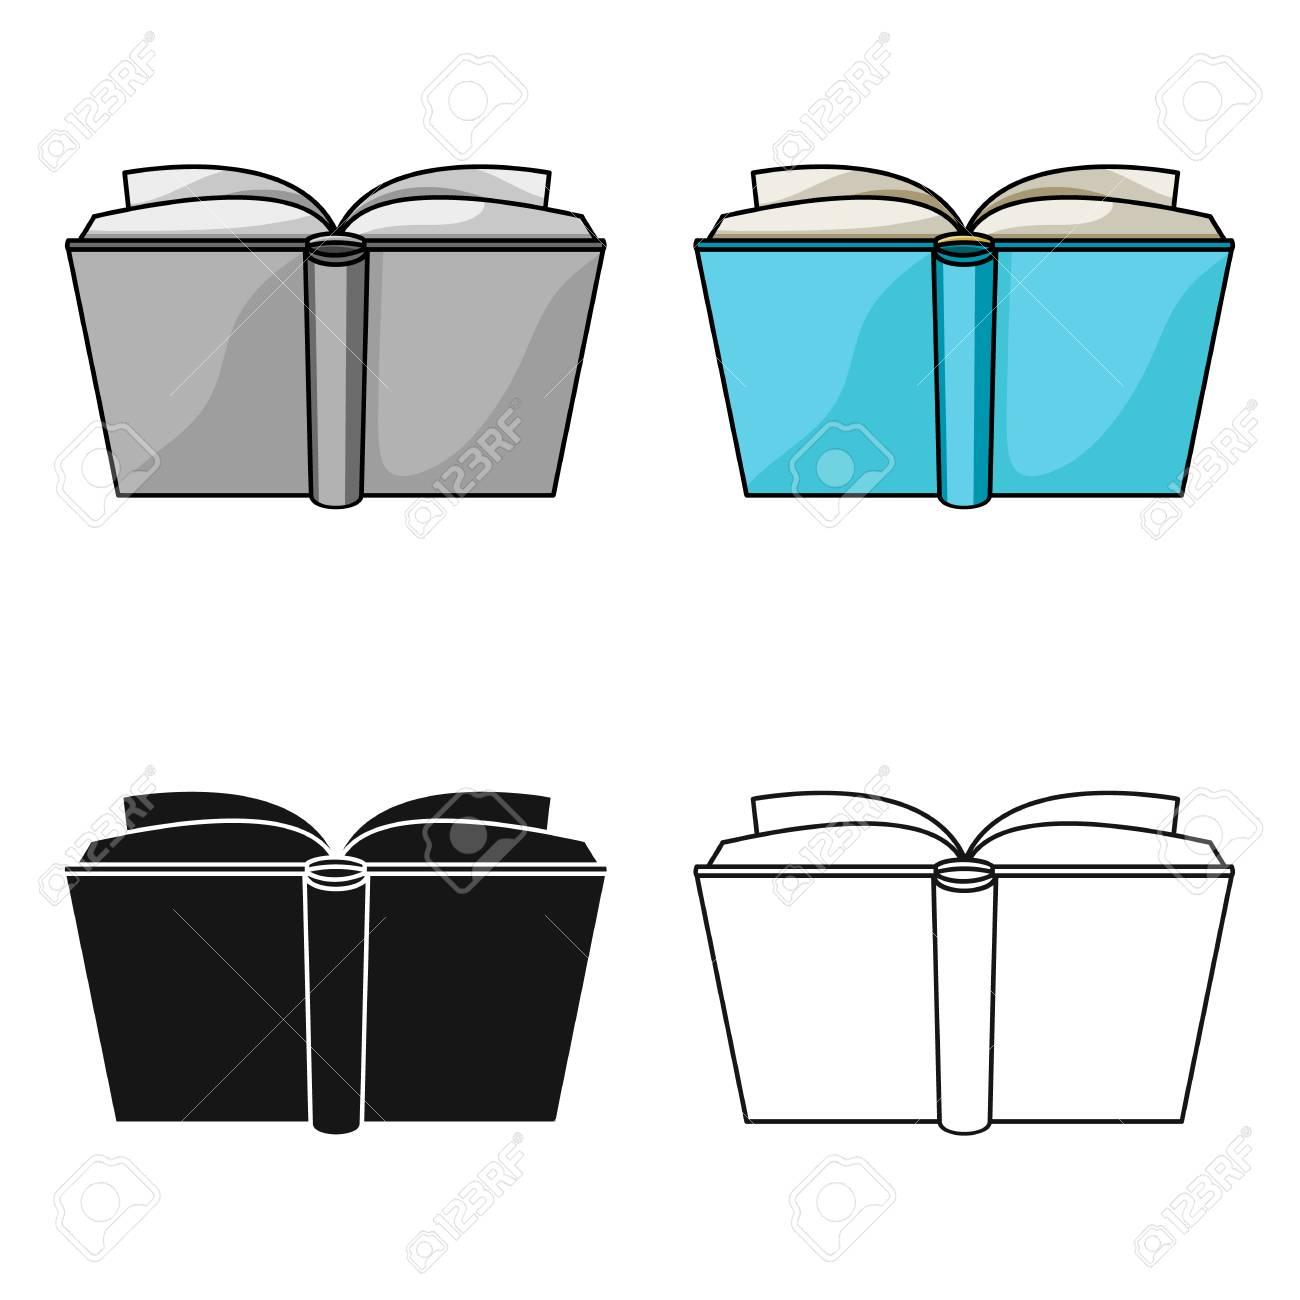 Icone De Livre Ouvert Bleu En Dessin Anime Isole Sur Fond Blanc Livres Symbole Illustration Vectorielle Stock